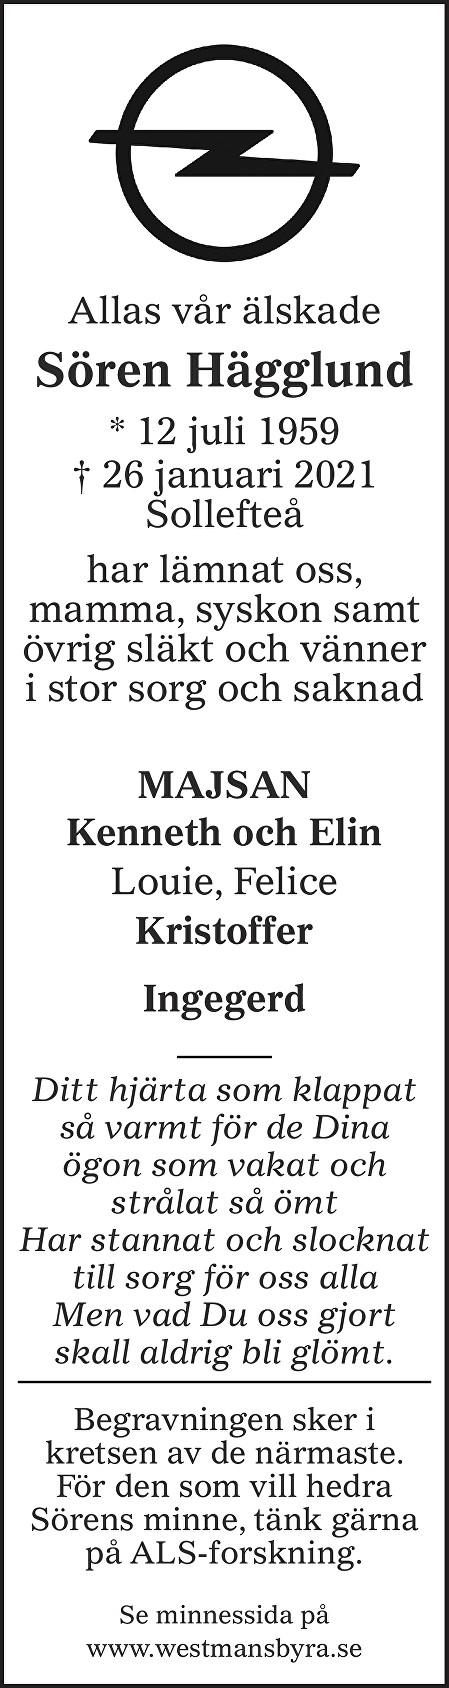 Sören Hägglund Death notice